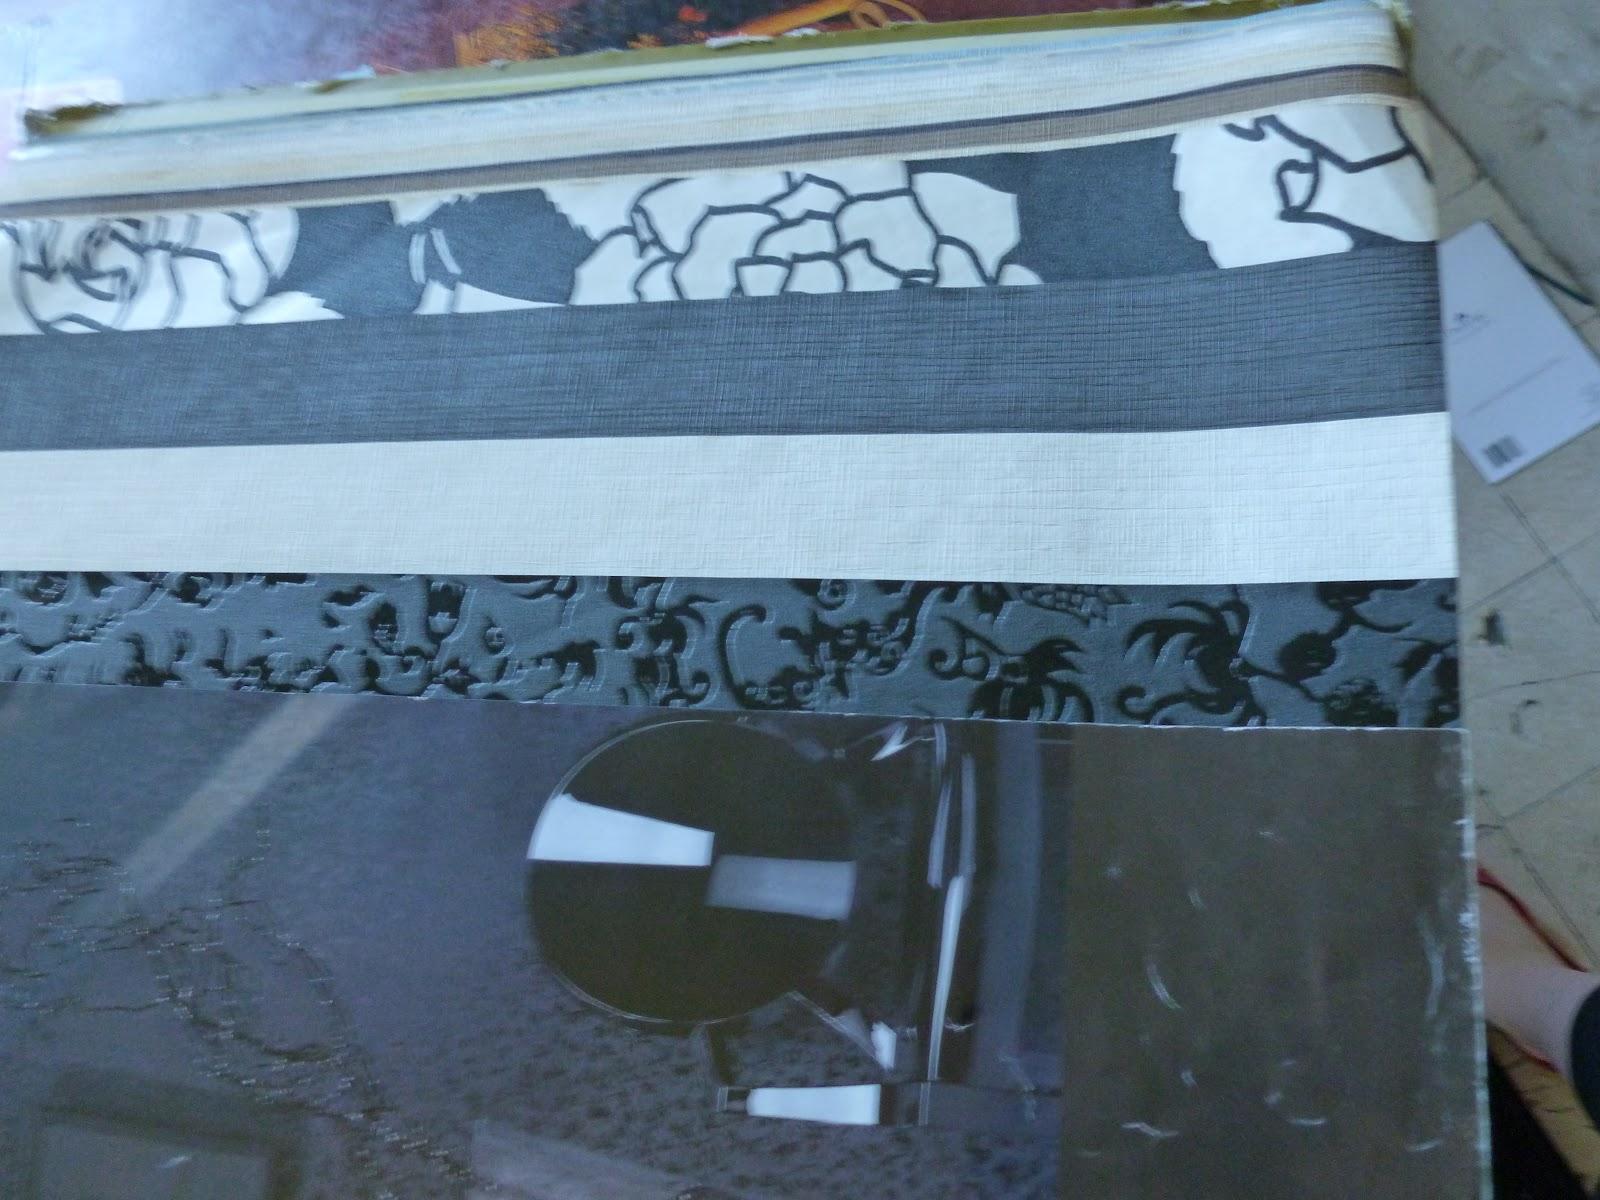 wallpaper sample books for sale nz